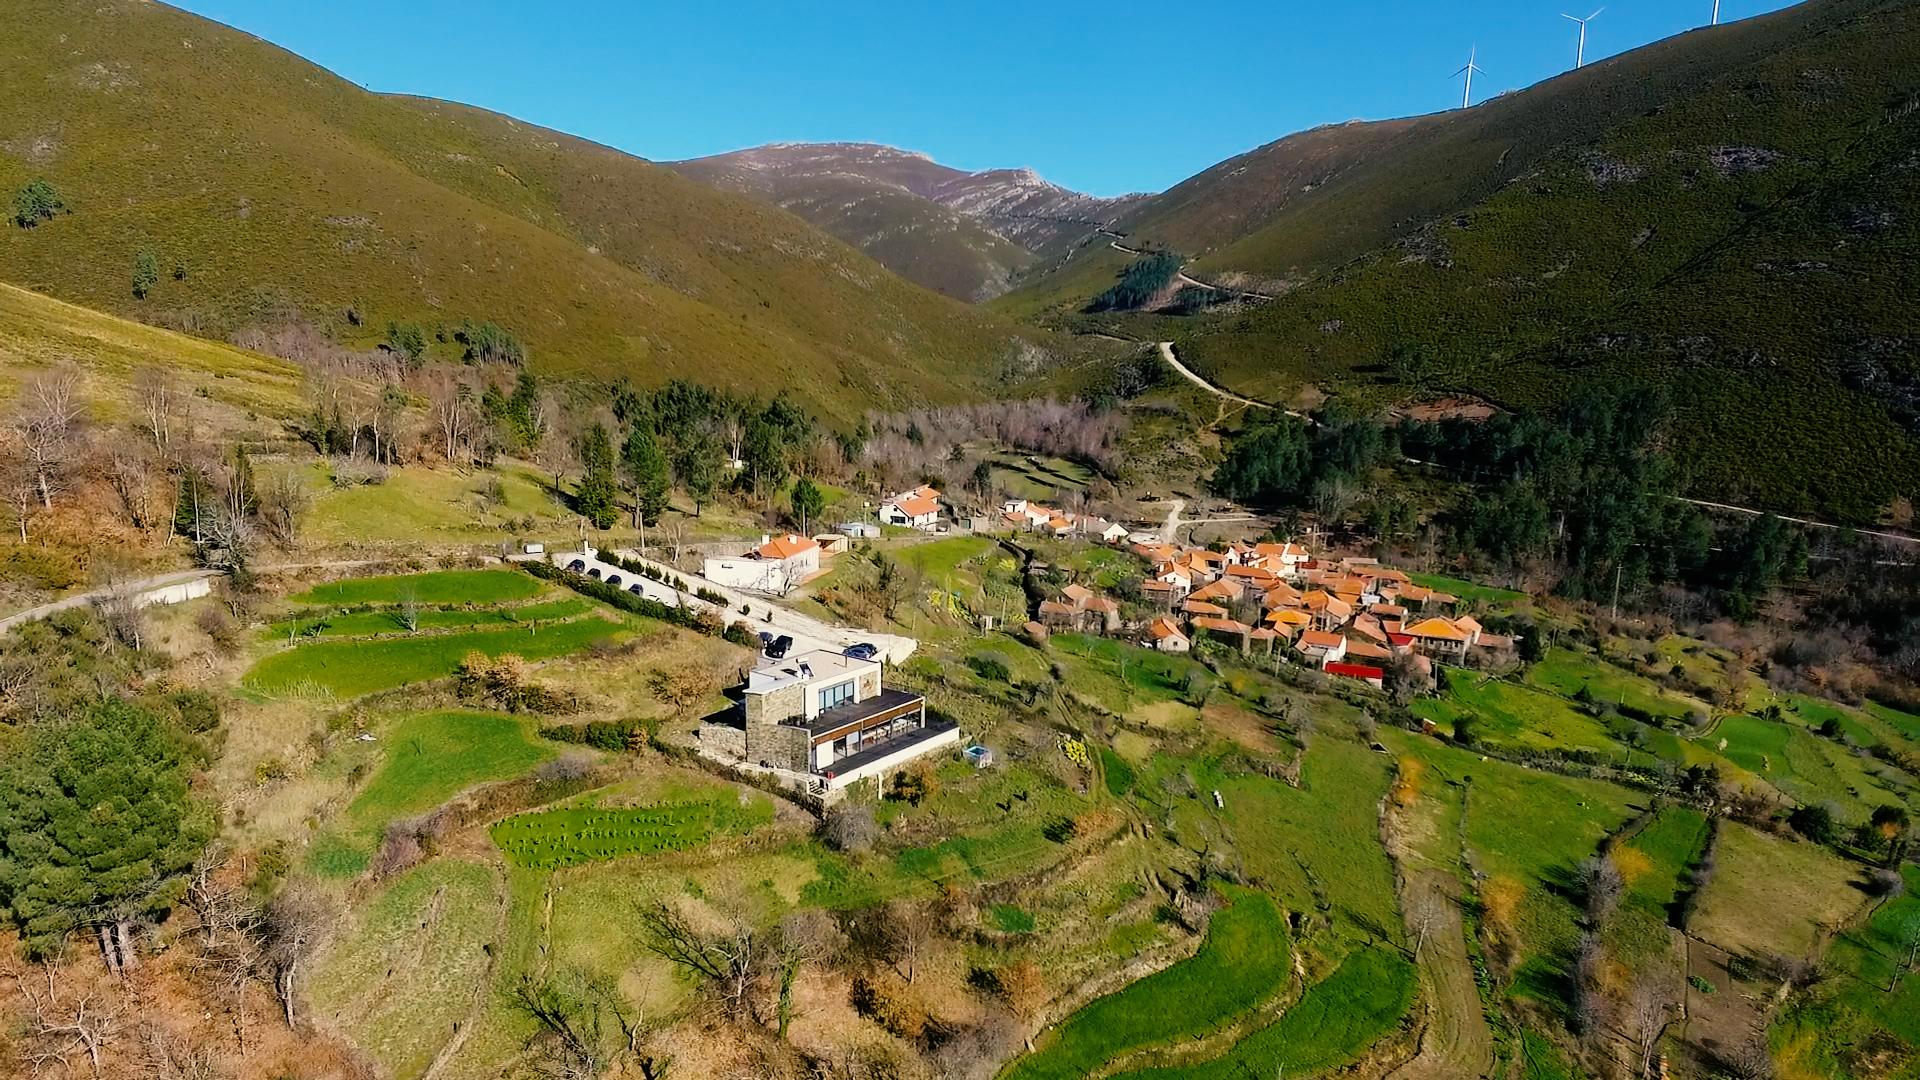 Tasca do valado na aldeia de Mafómedes